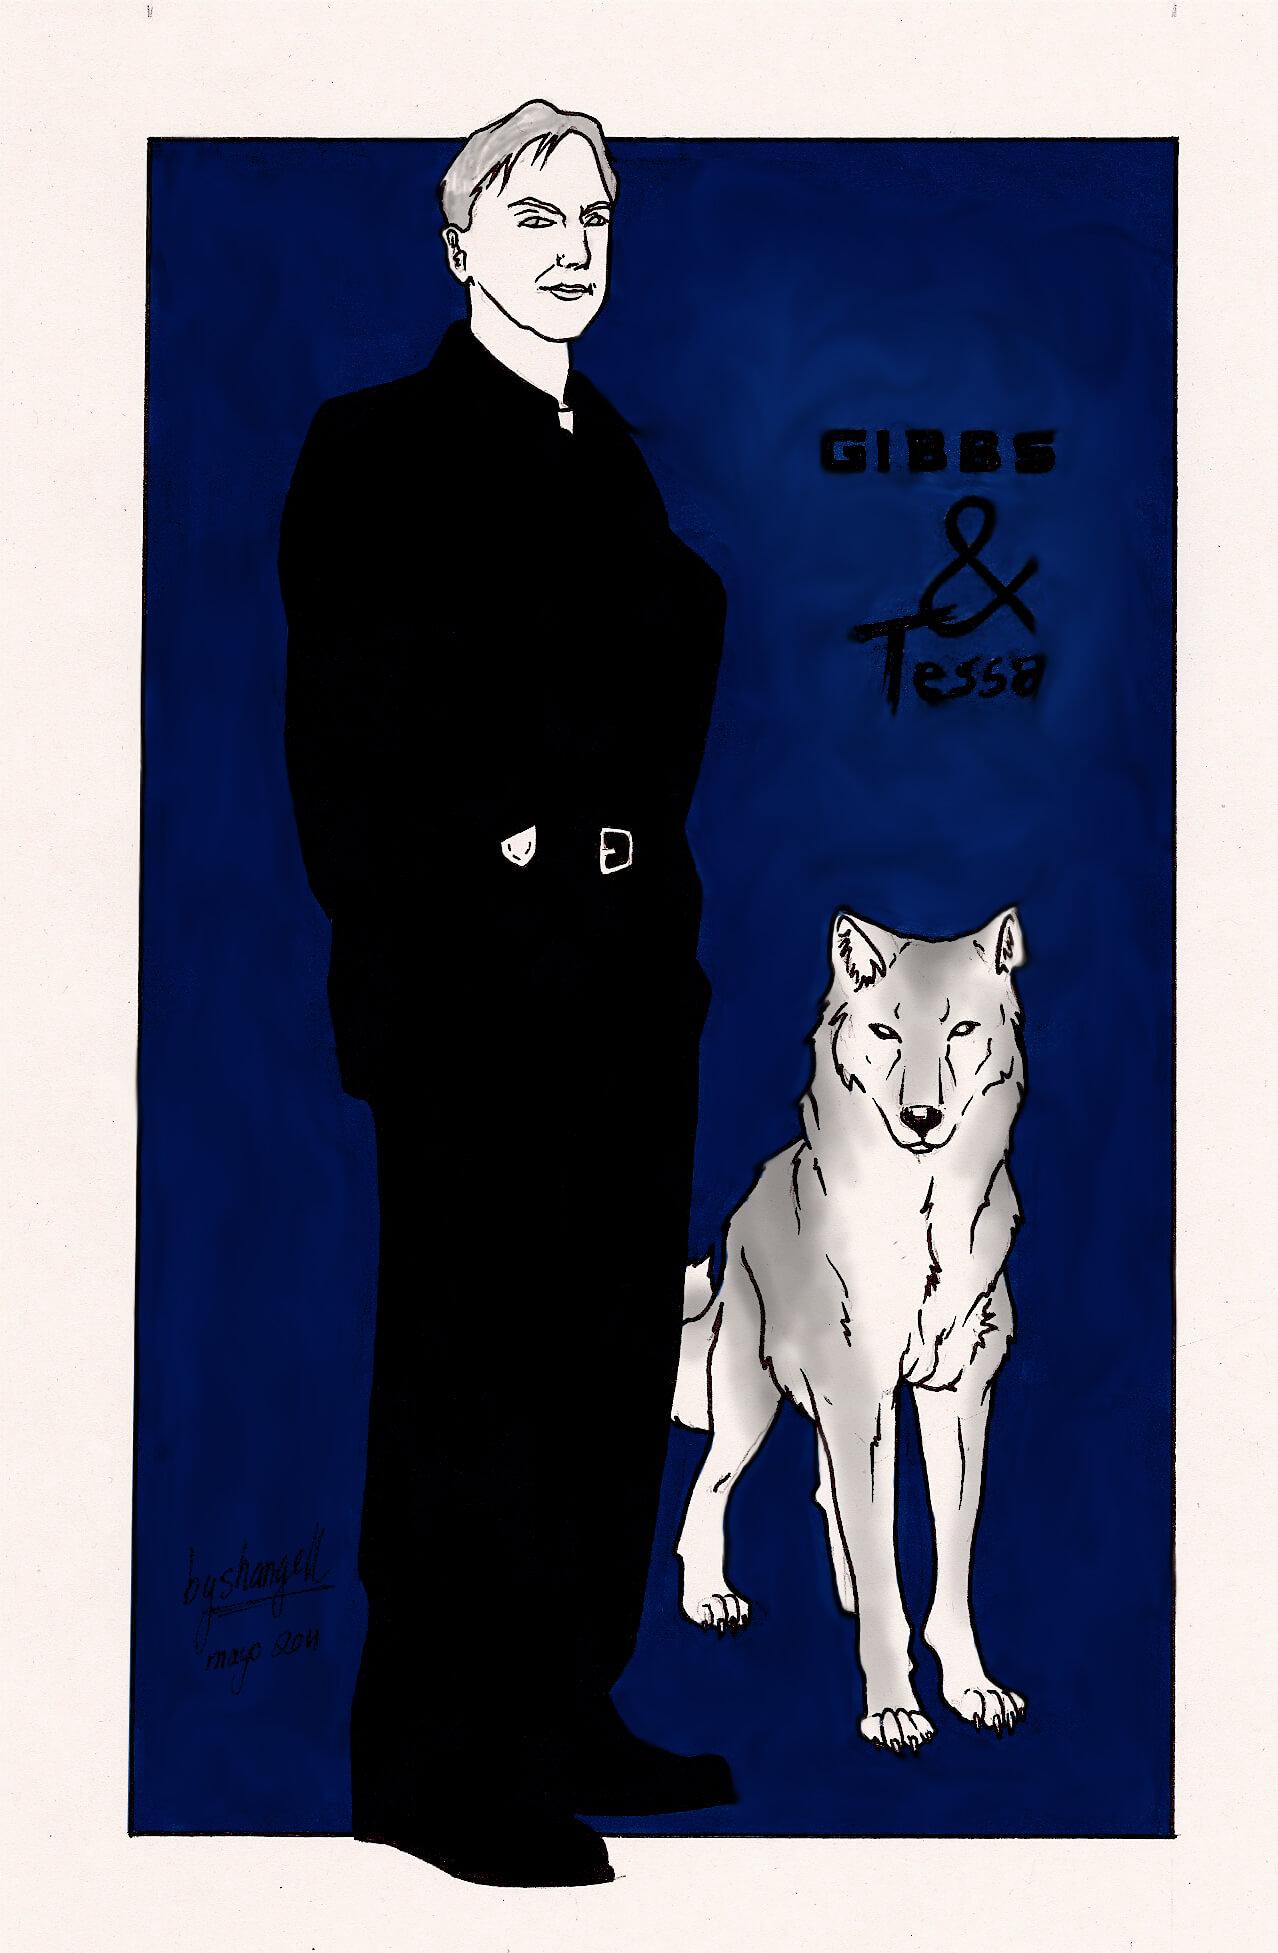 By Shyangell (http://shyangell.deviantart.com)Gibbs